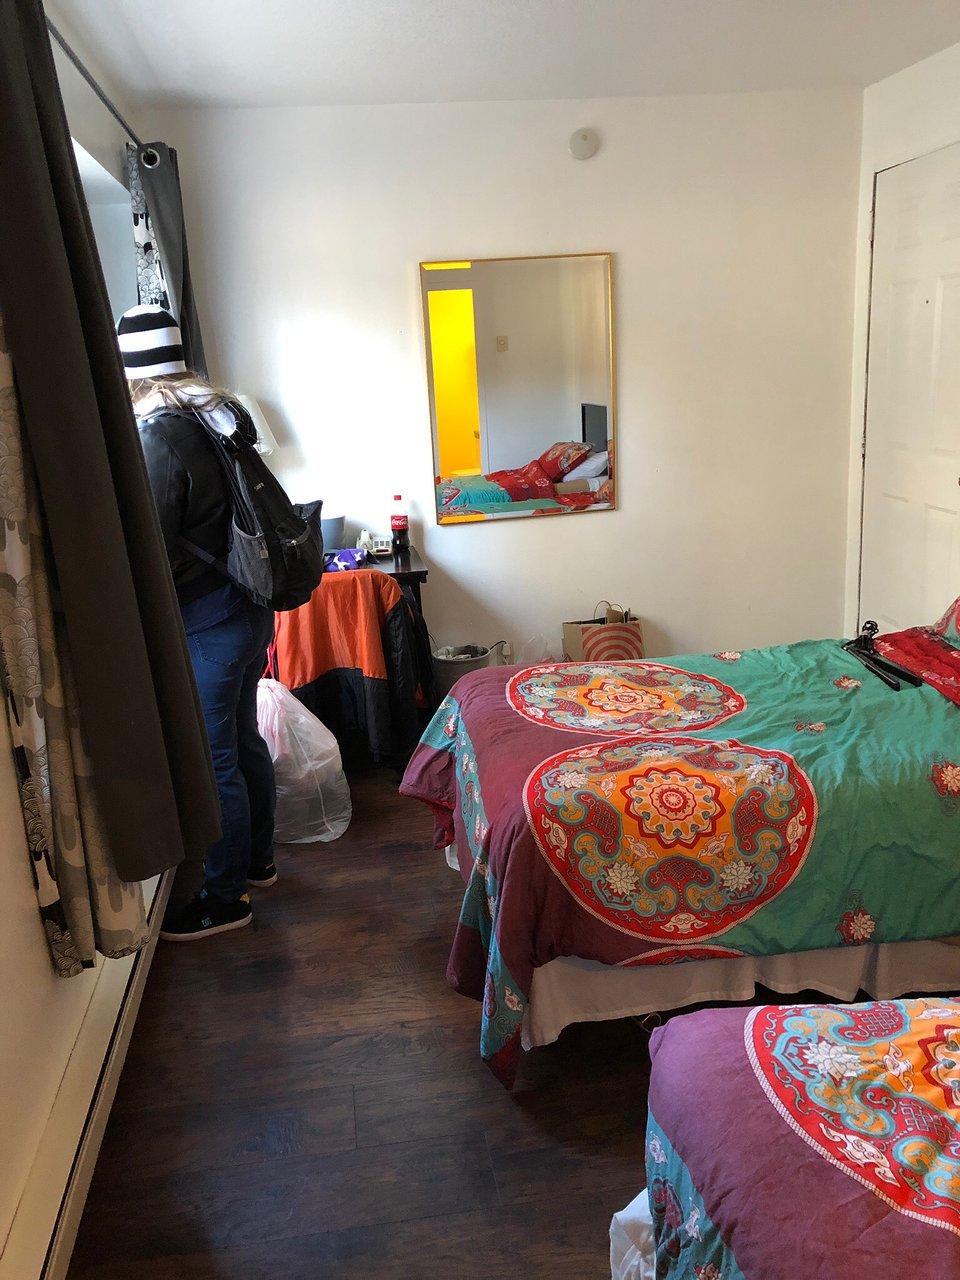 kings inn 89 9 8 updated 2019 prices motel reviews rh tripadvisor com